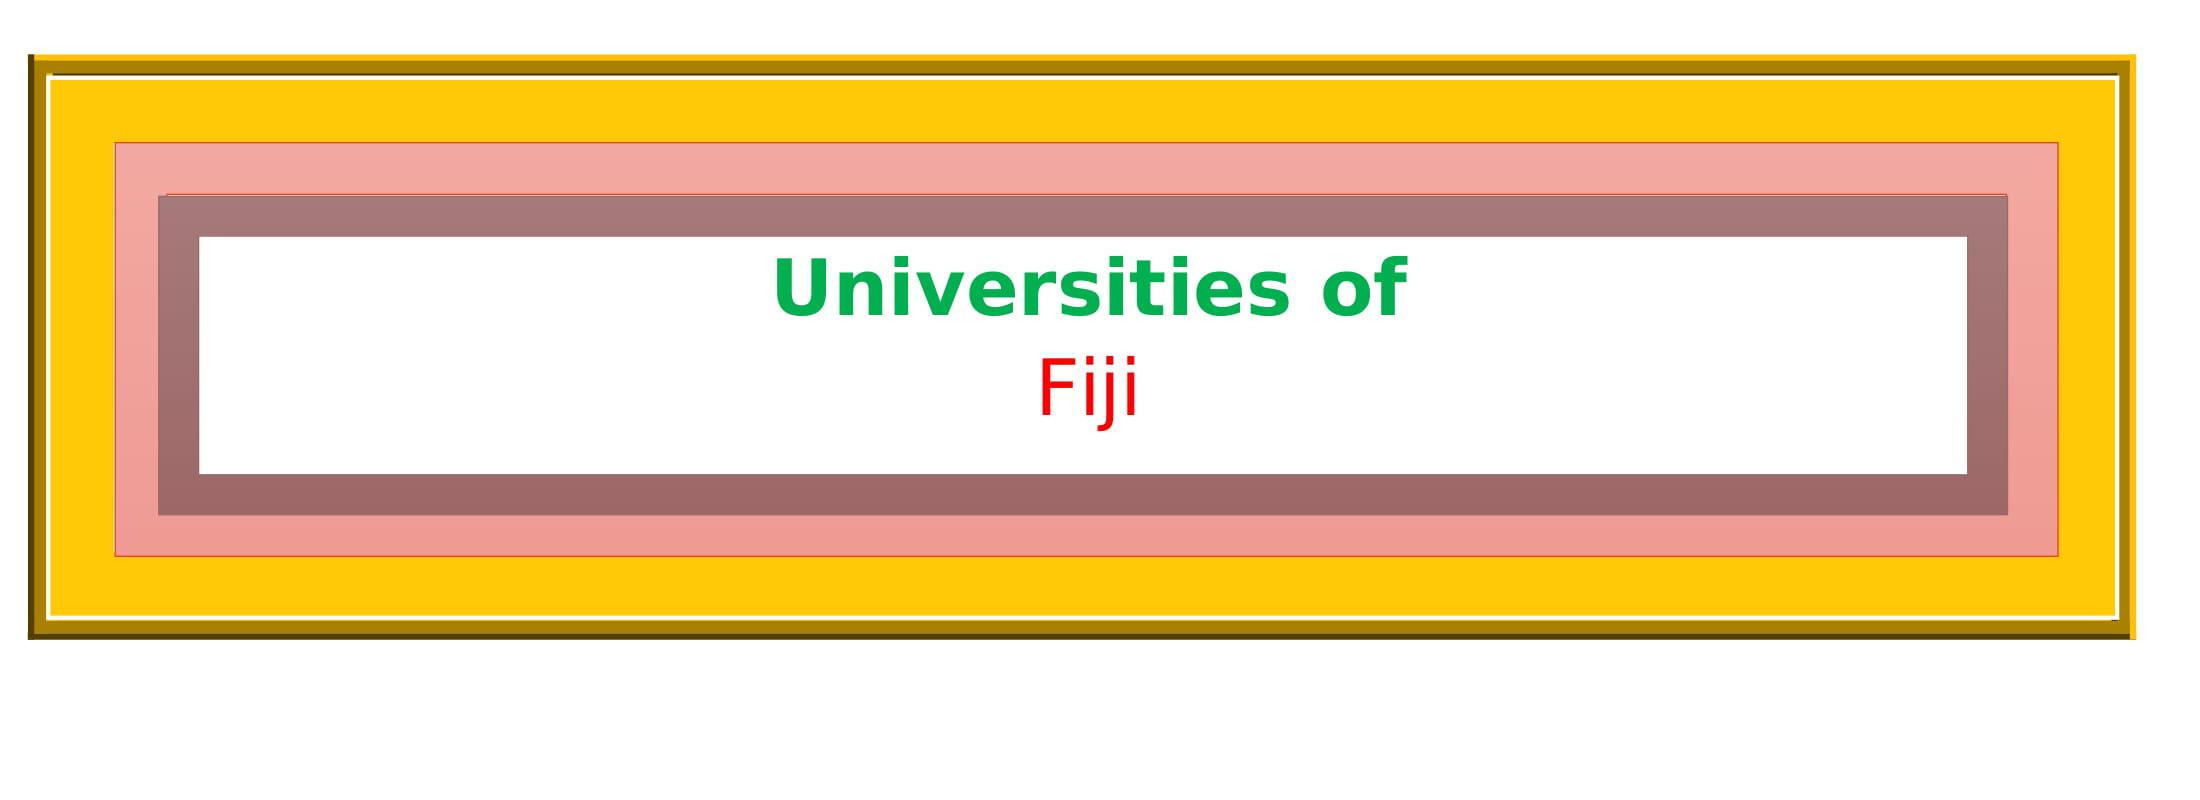 List of Universities in Fiji